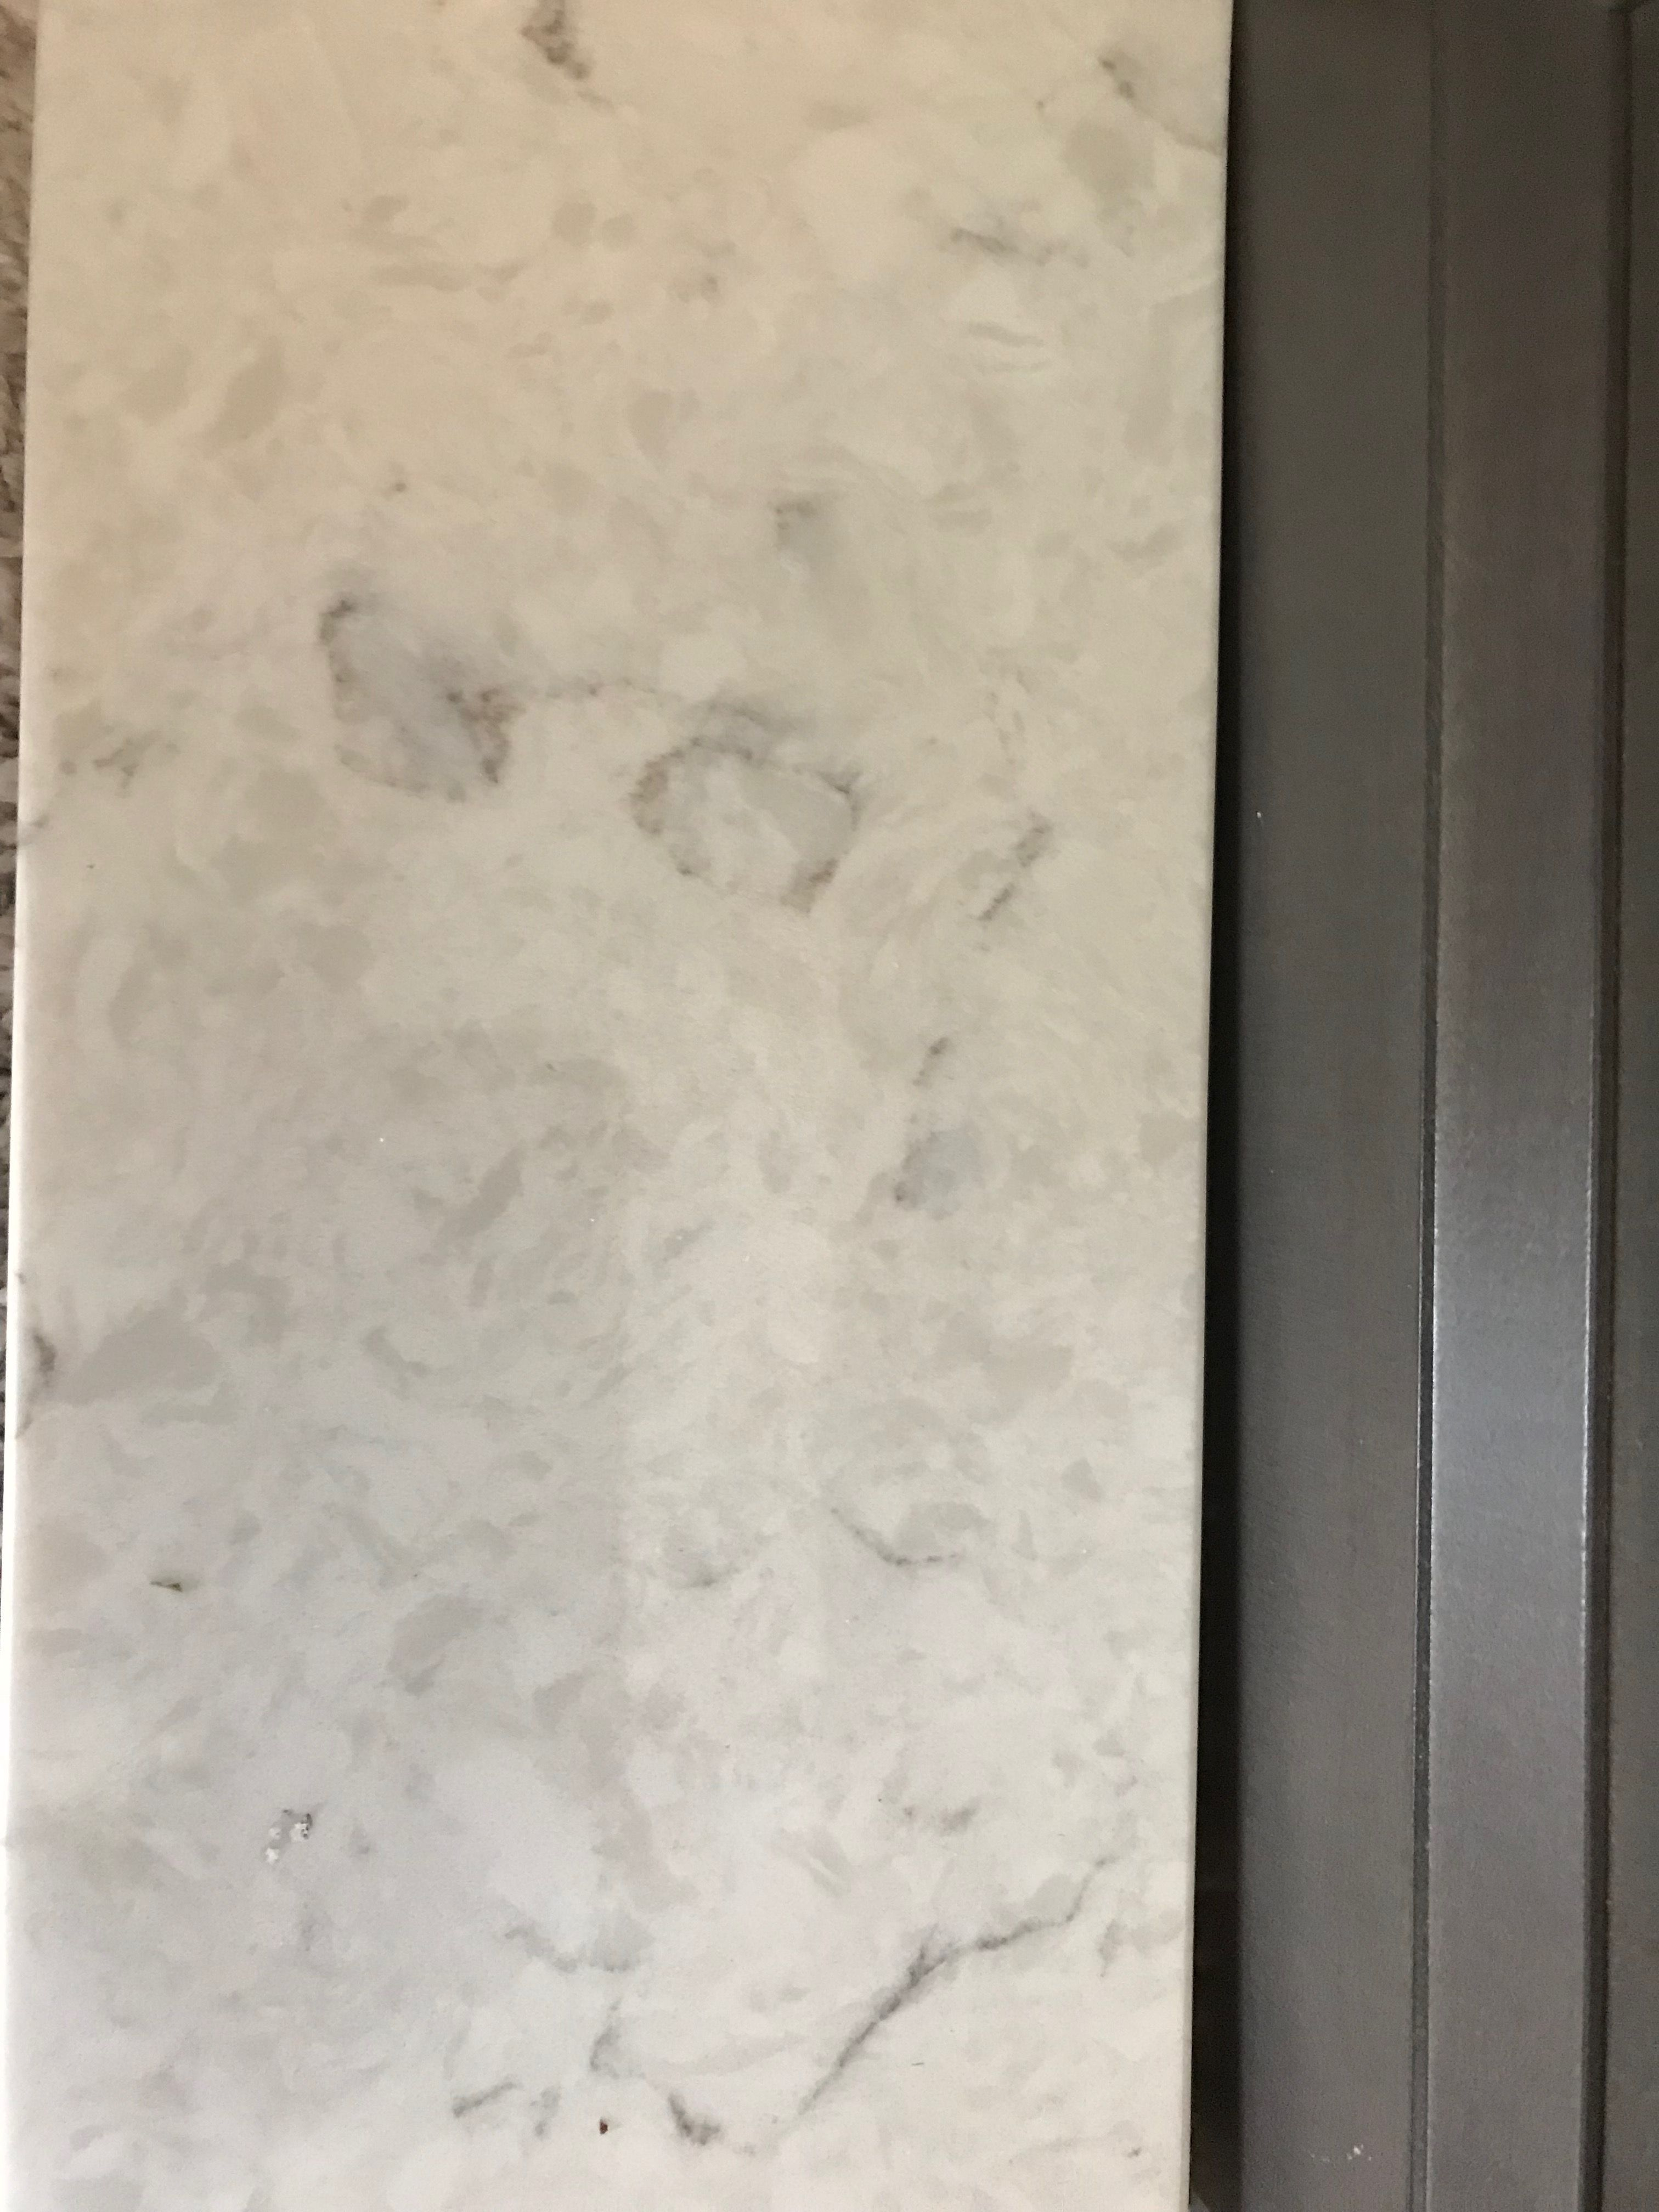 Carrara Mist Quartz By Msi Basement Bar Basement Bar Designs Quartz Kitchen Quartz Countertops